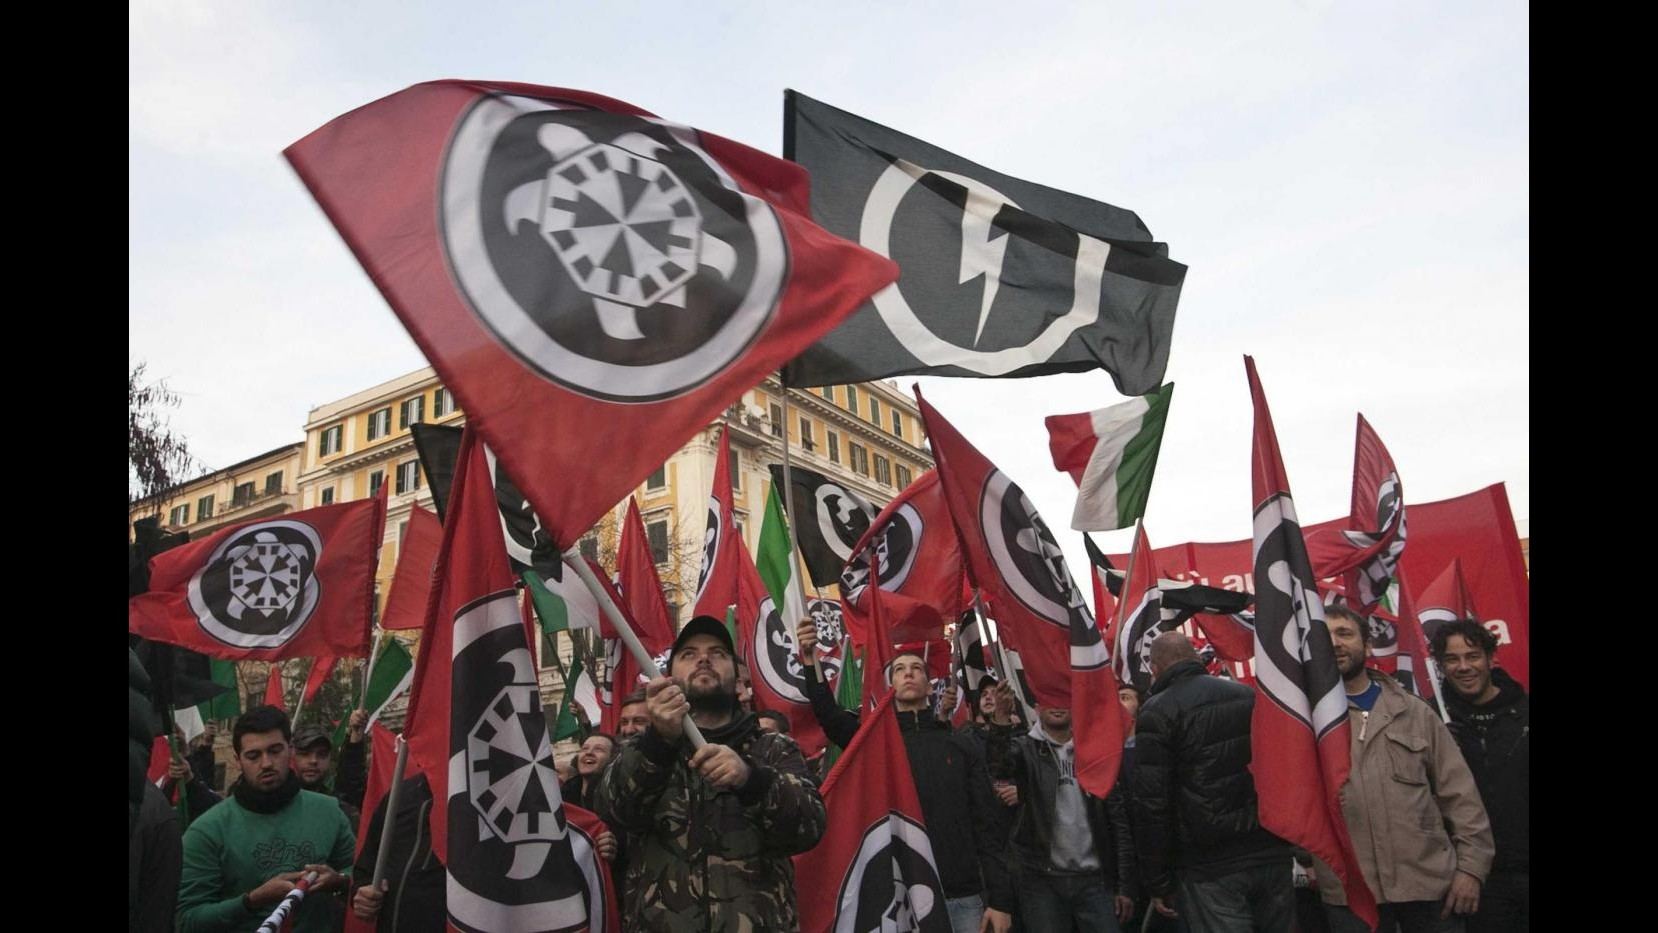 Raduno nazionale di Casa Pound, il prefetto di Milano revoca il permesso